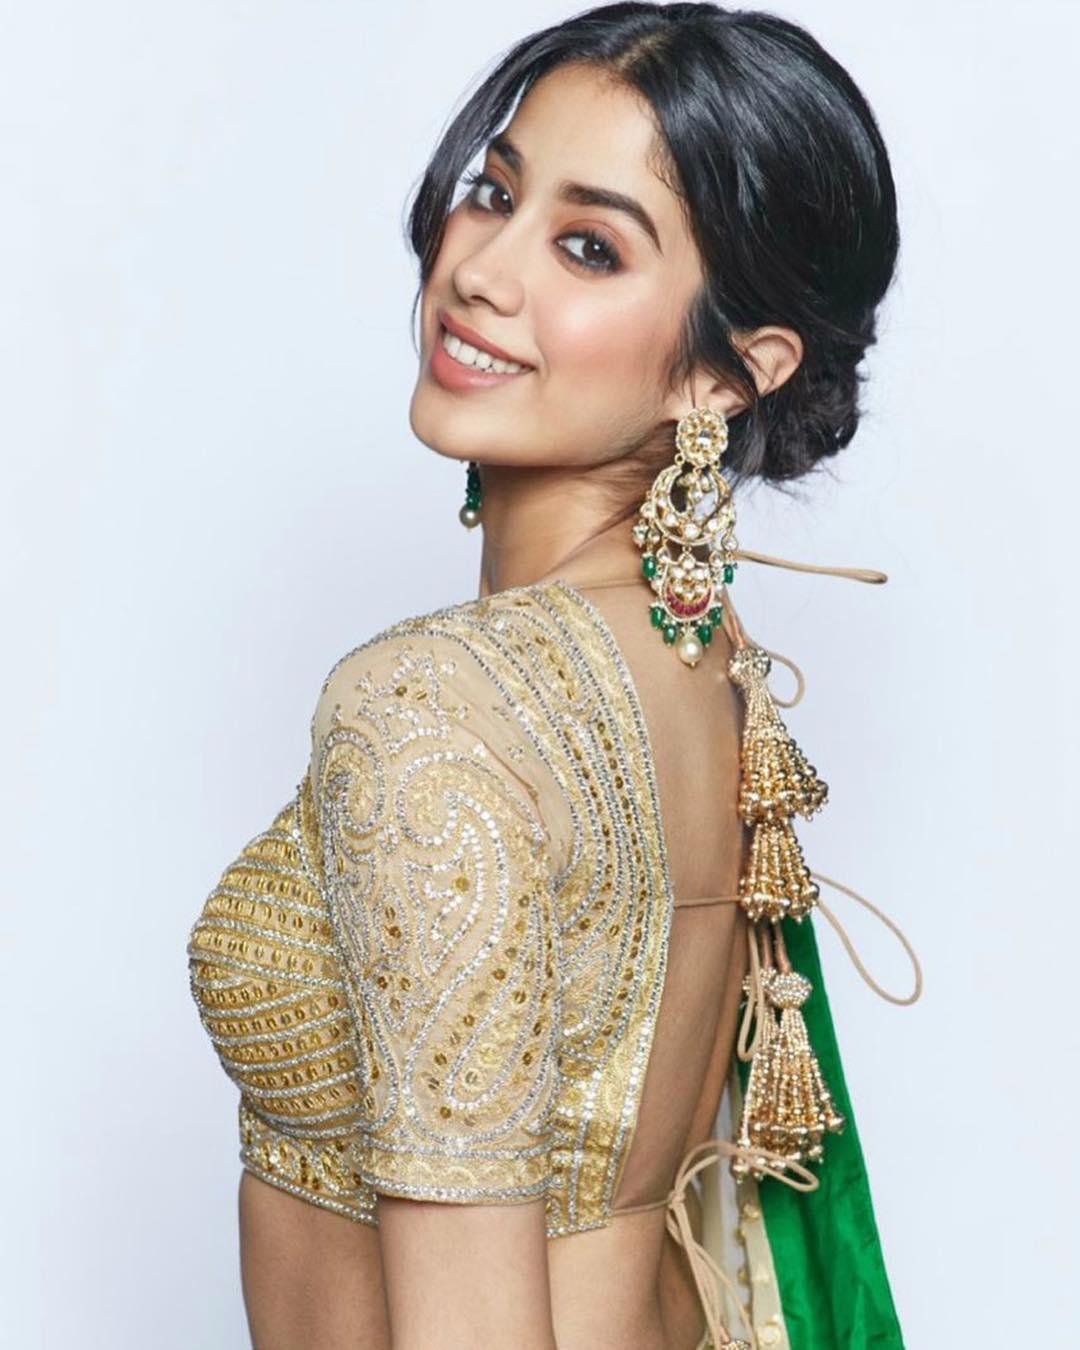 Bollywood Tadka,जाह्नवी कपूर  इमेज,जाह्नवी कपूर फोटो,जाह्नवी कपूर पिक्चर